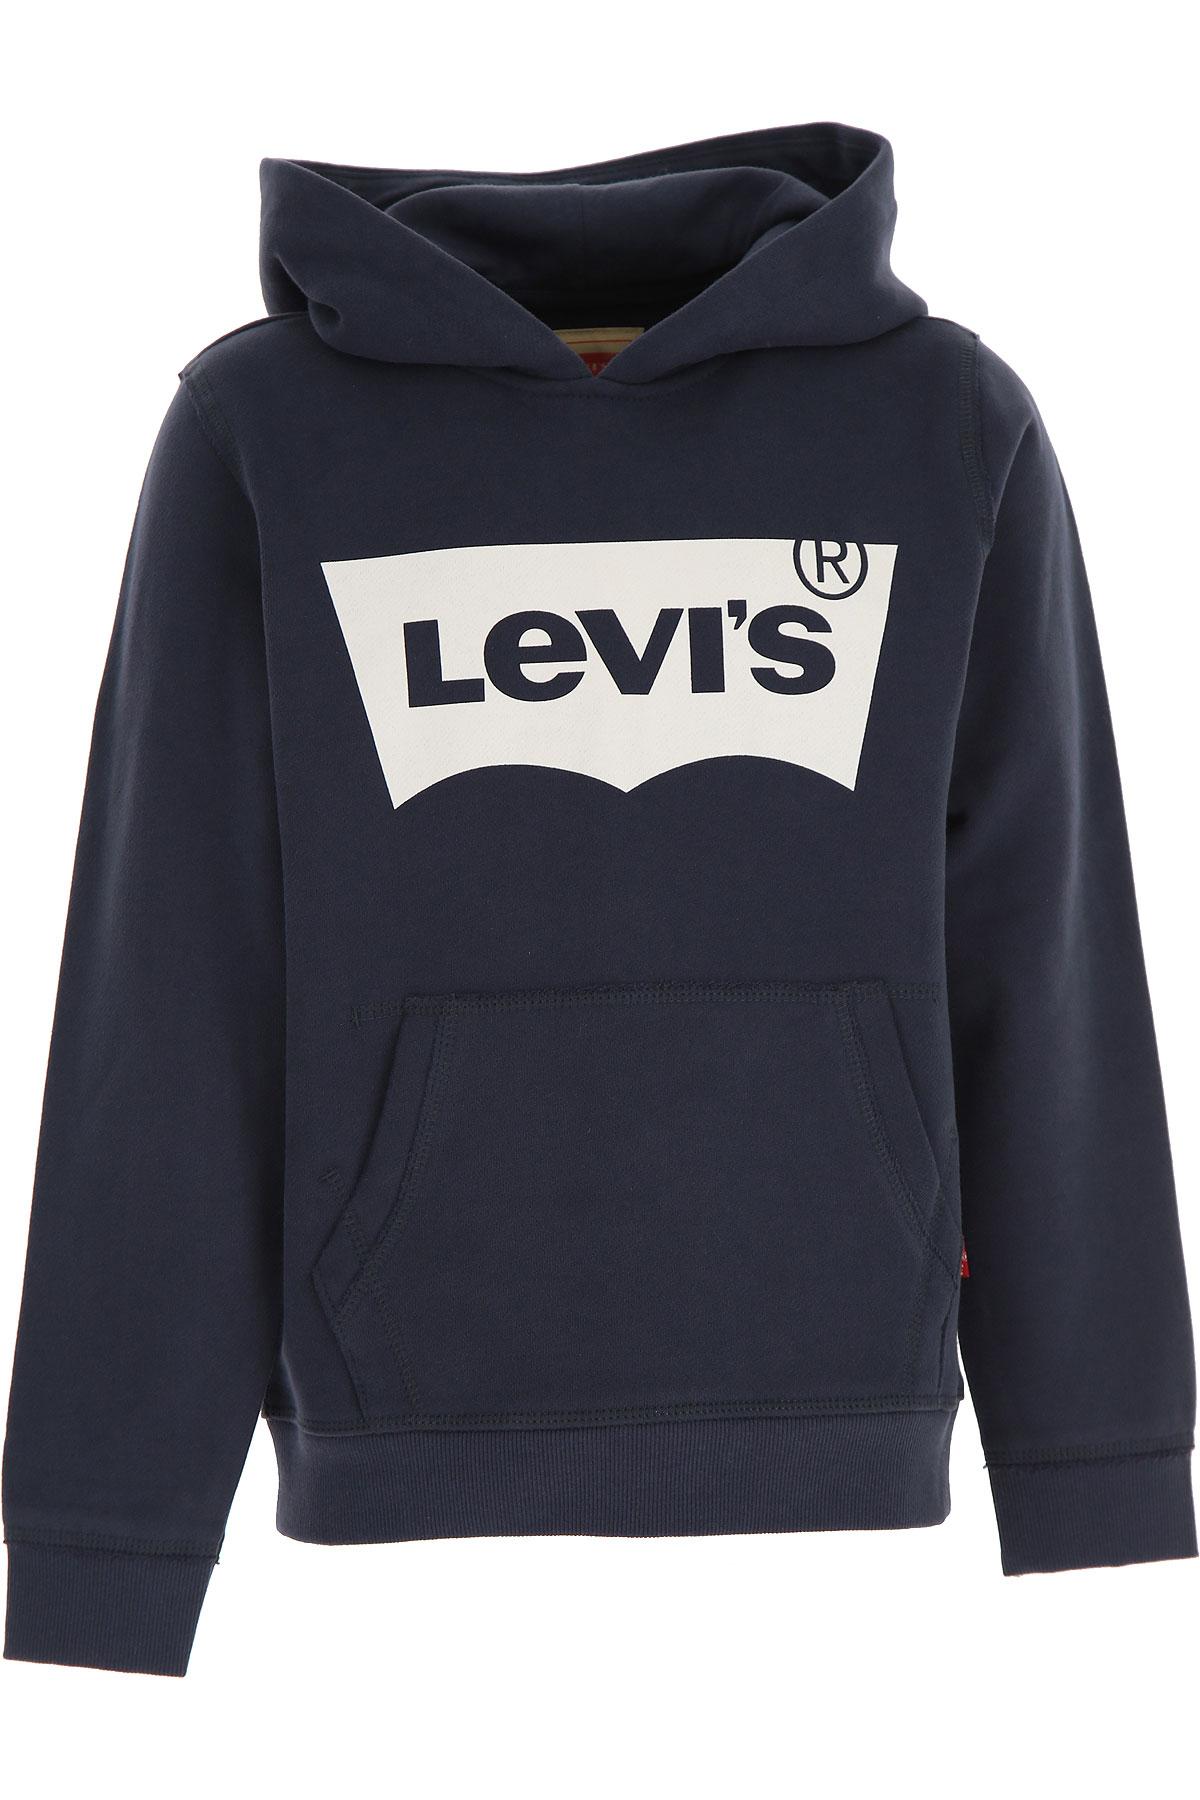 Levis Kids Sweatshirts & Hoodies for Boys On Sale, Blue, Cotton, 2019, 16Y 2Y 3Y 4Y 6Y 8Y